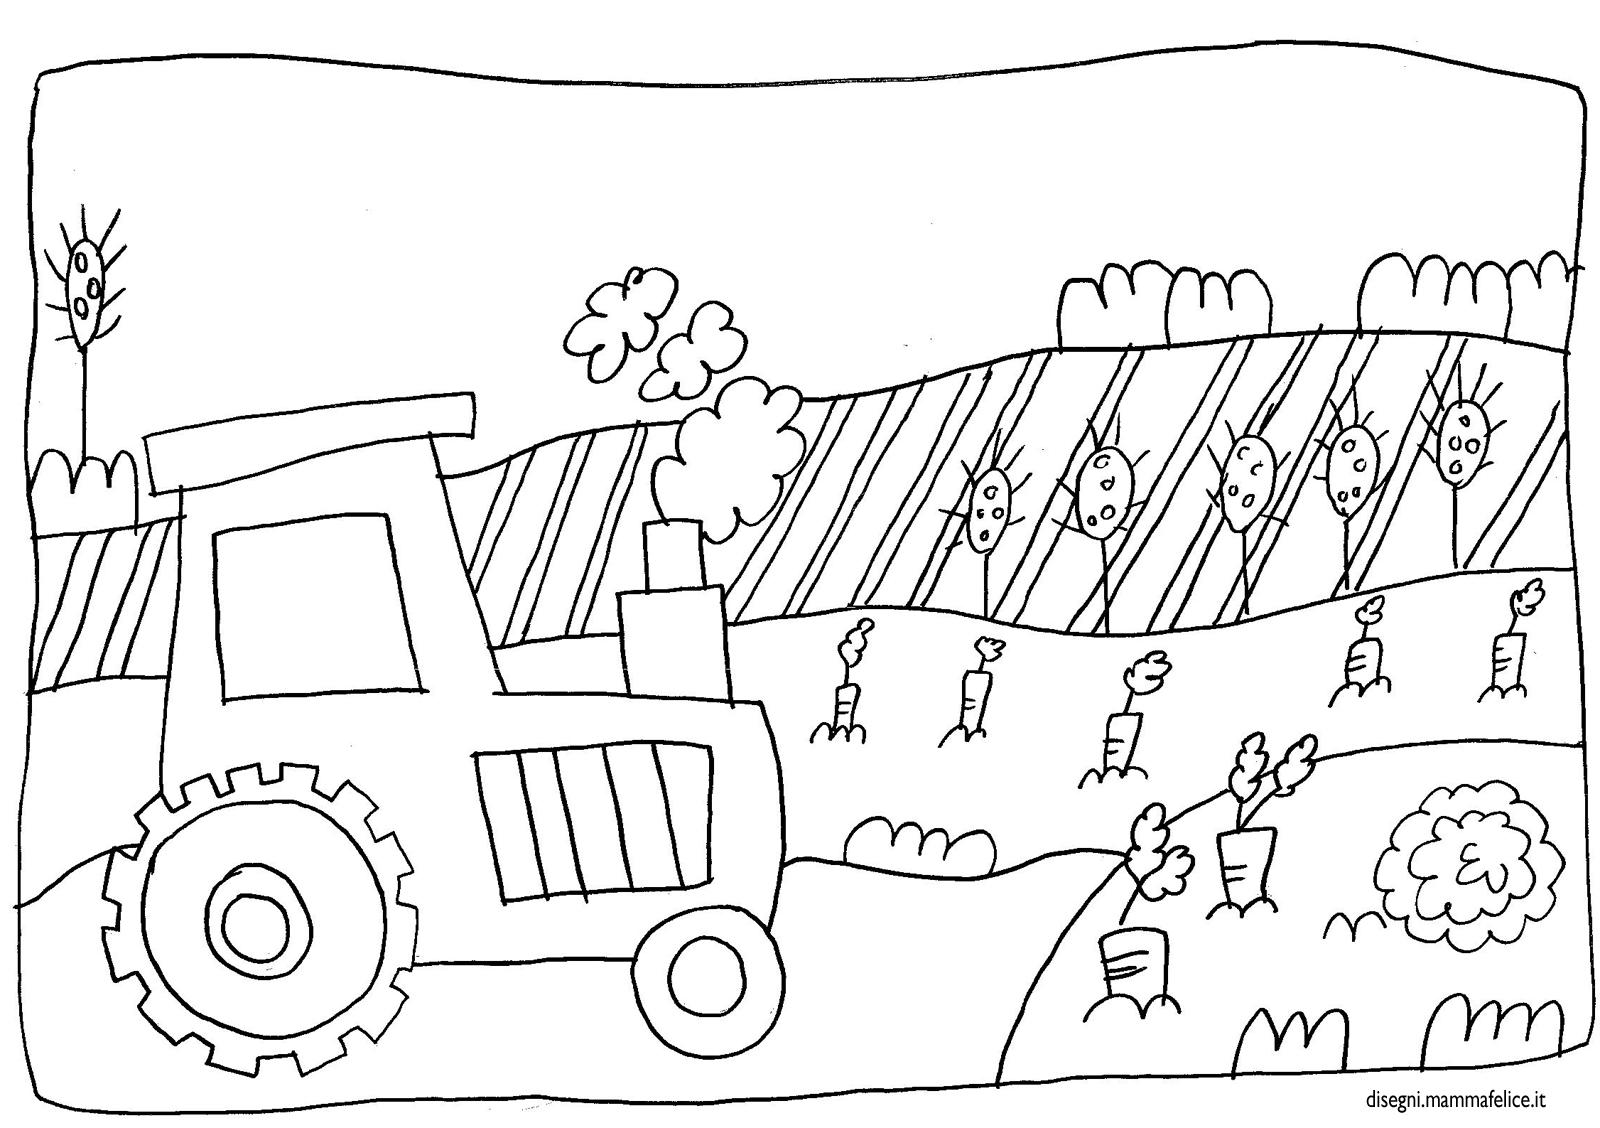 disegno-per-bambini-da-colorare-gratis-fattoria-trattore